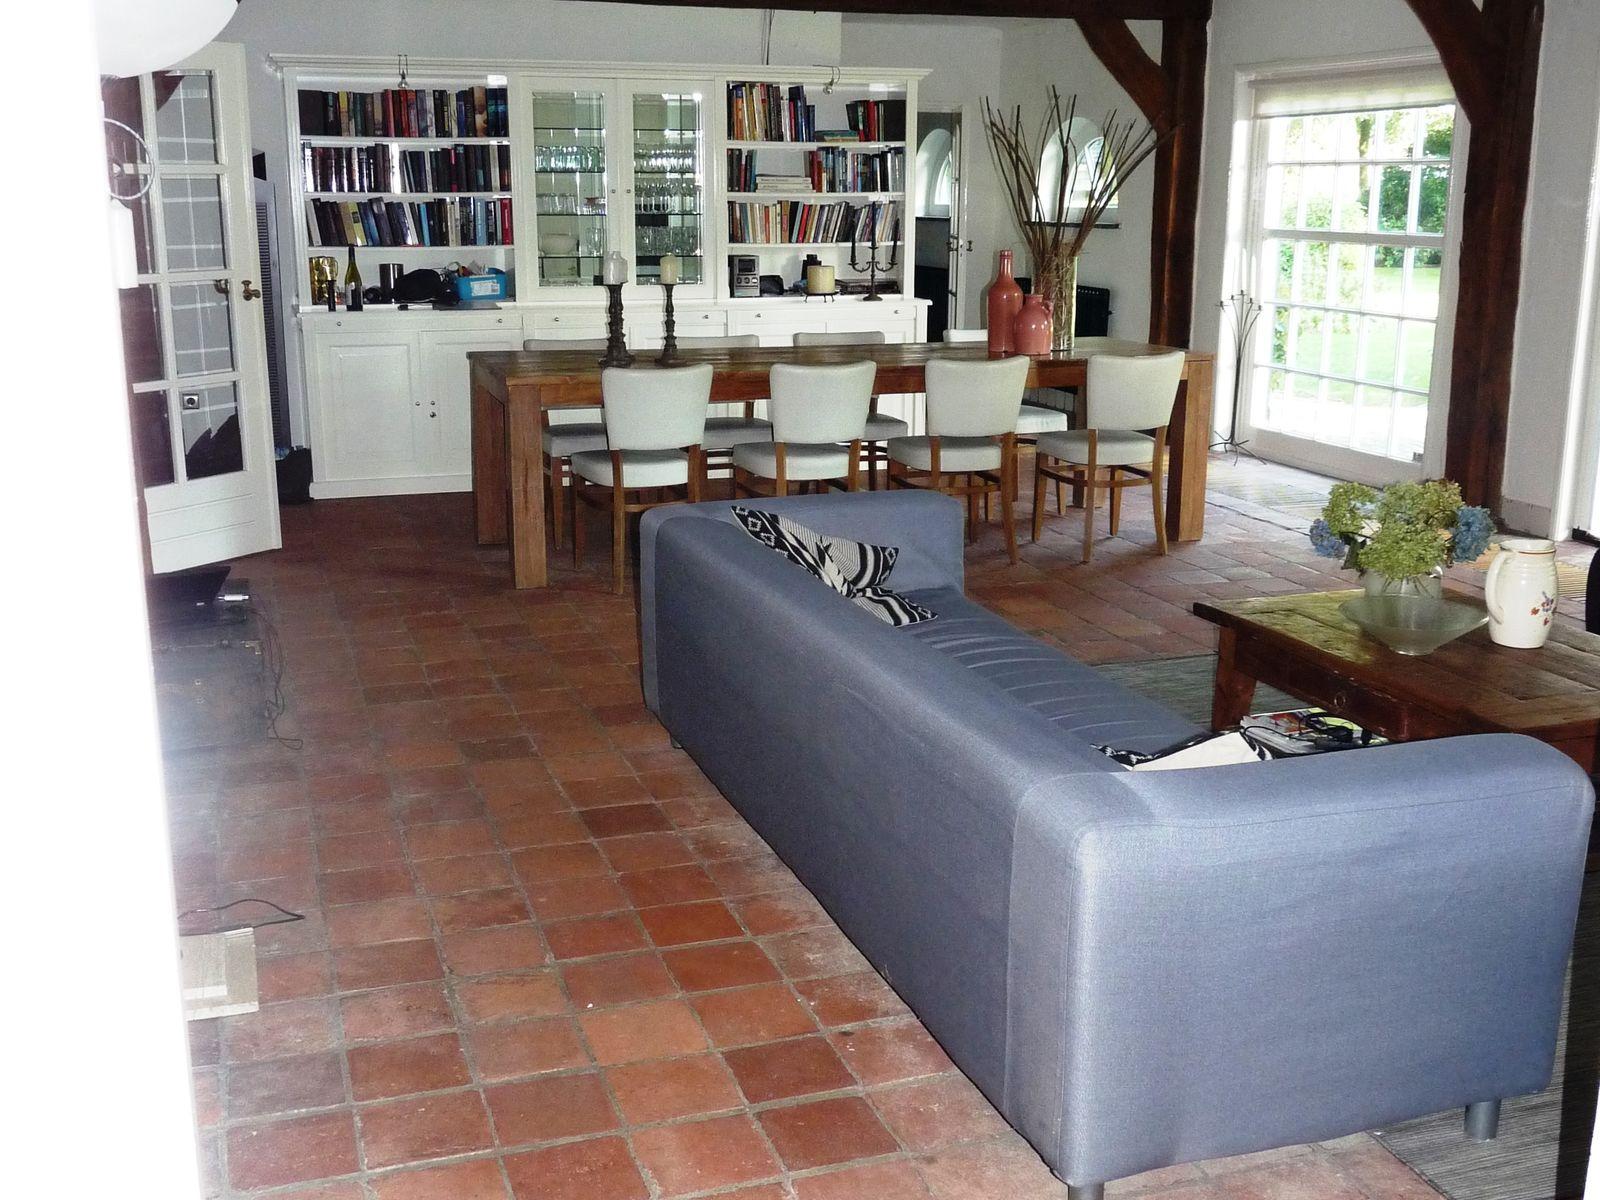 Afbeelding van Vrachelse Heide - luxe vakantiehuis in Brabant met zwembad en jacuzzi